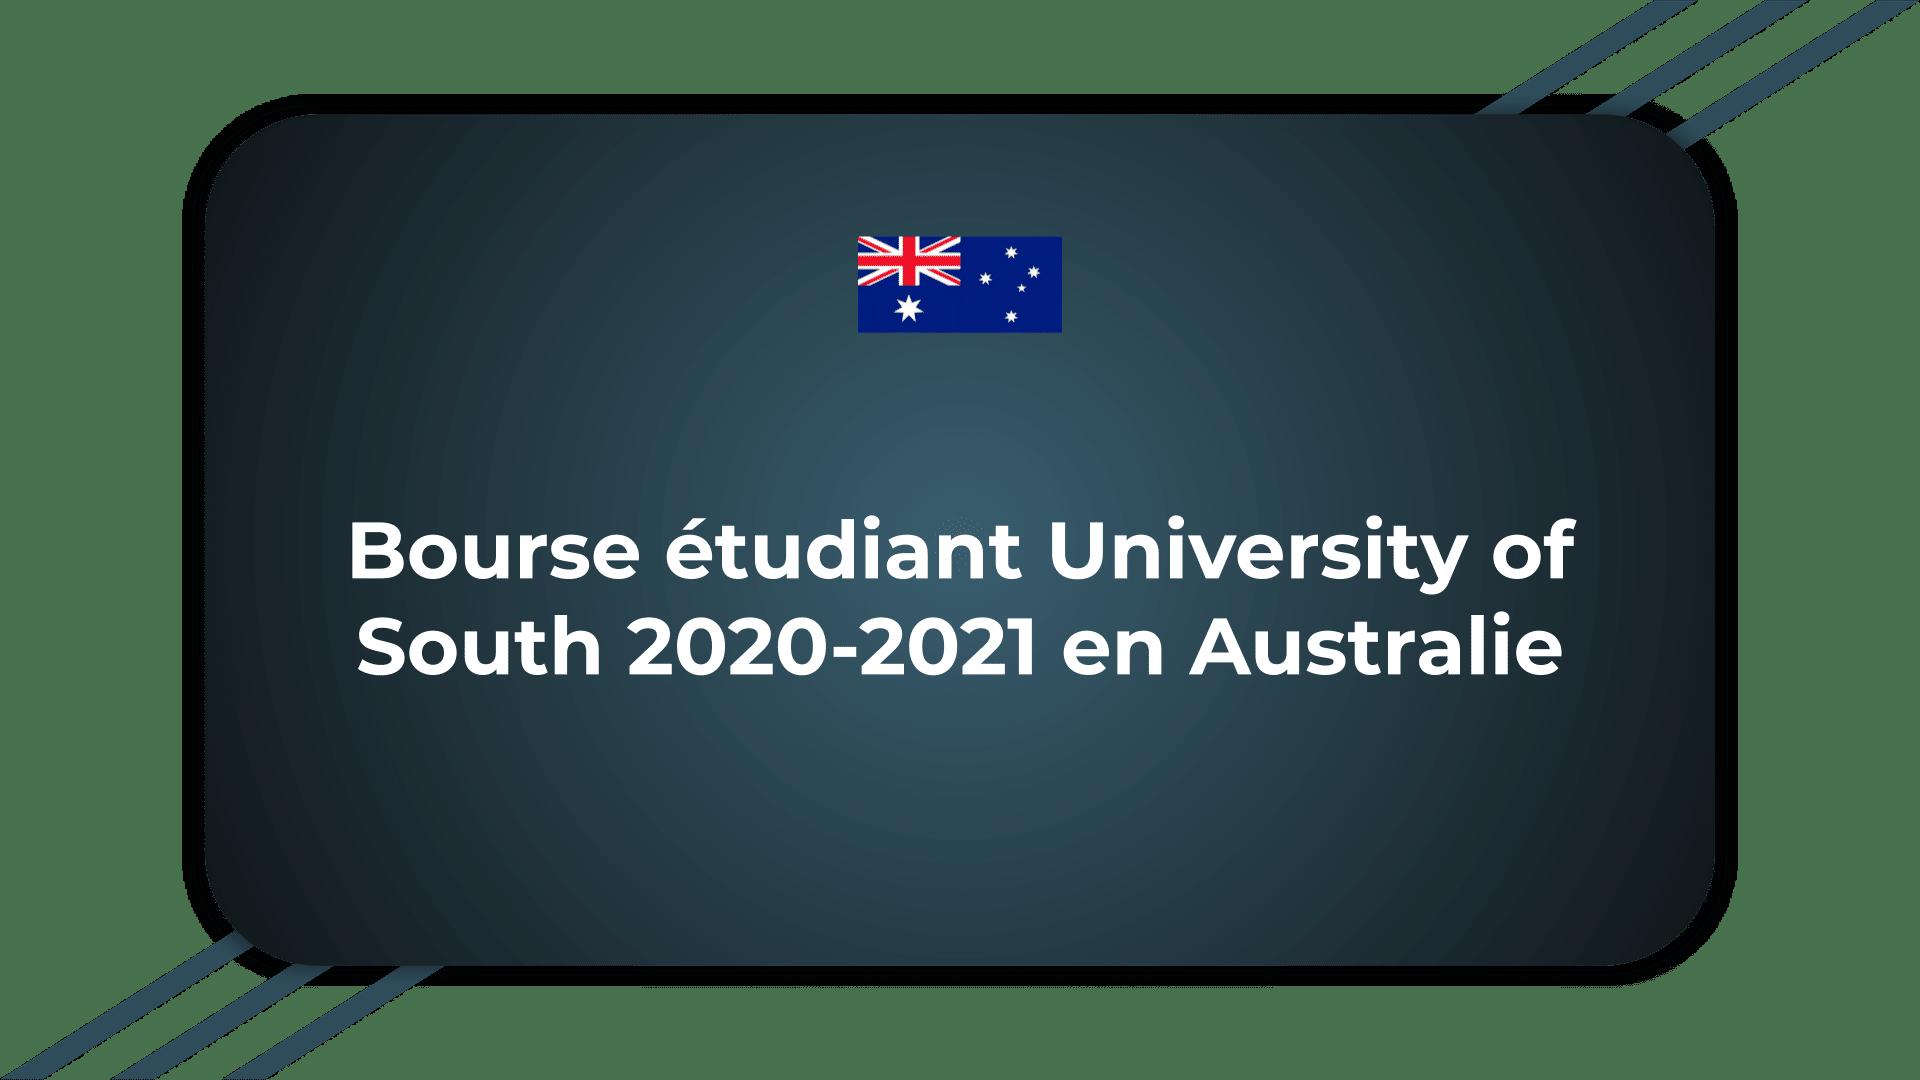 Bourse étudiant University of South